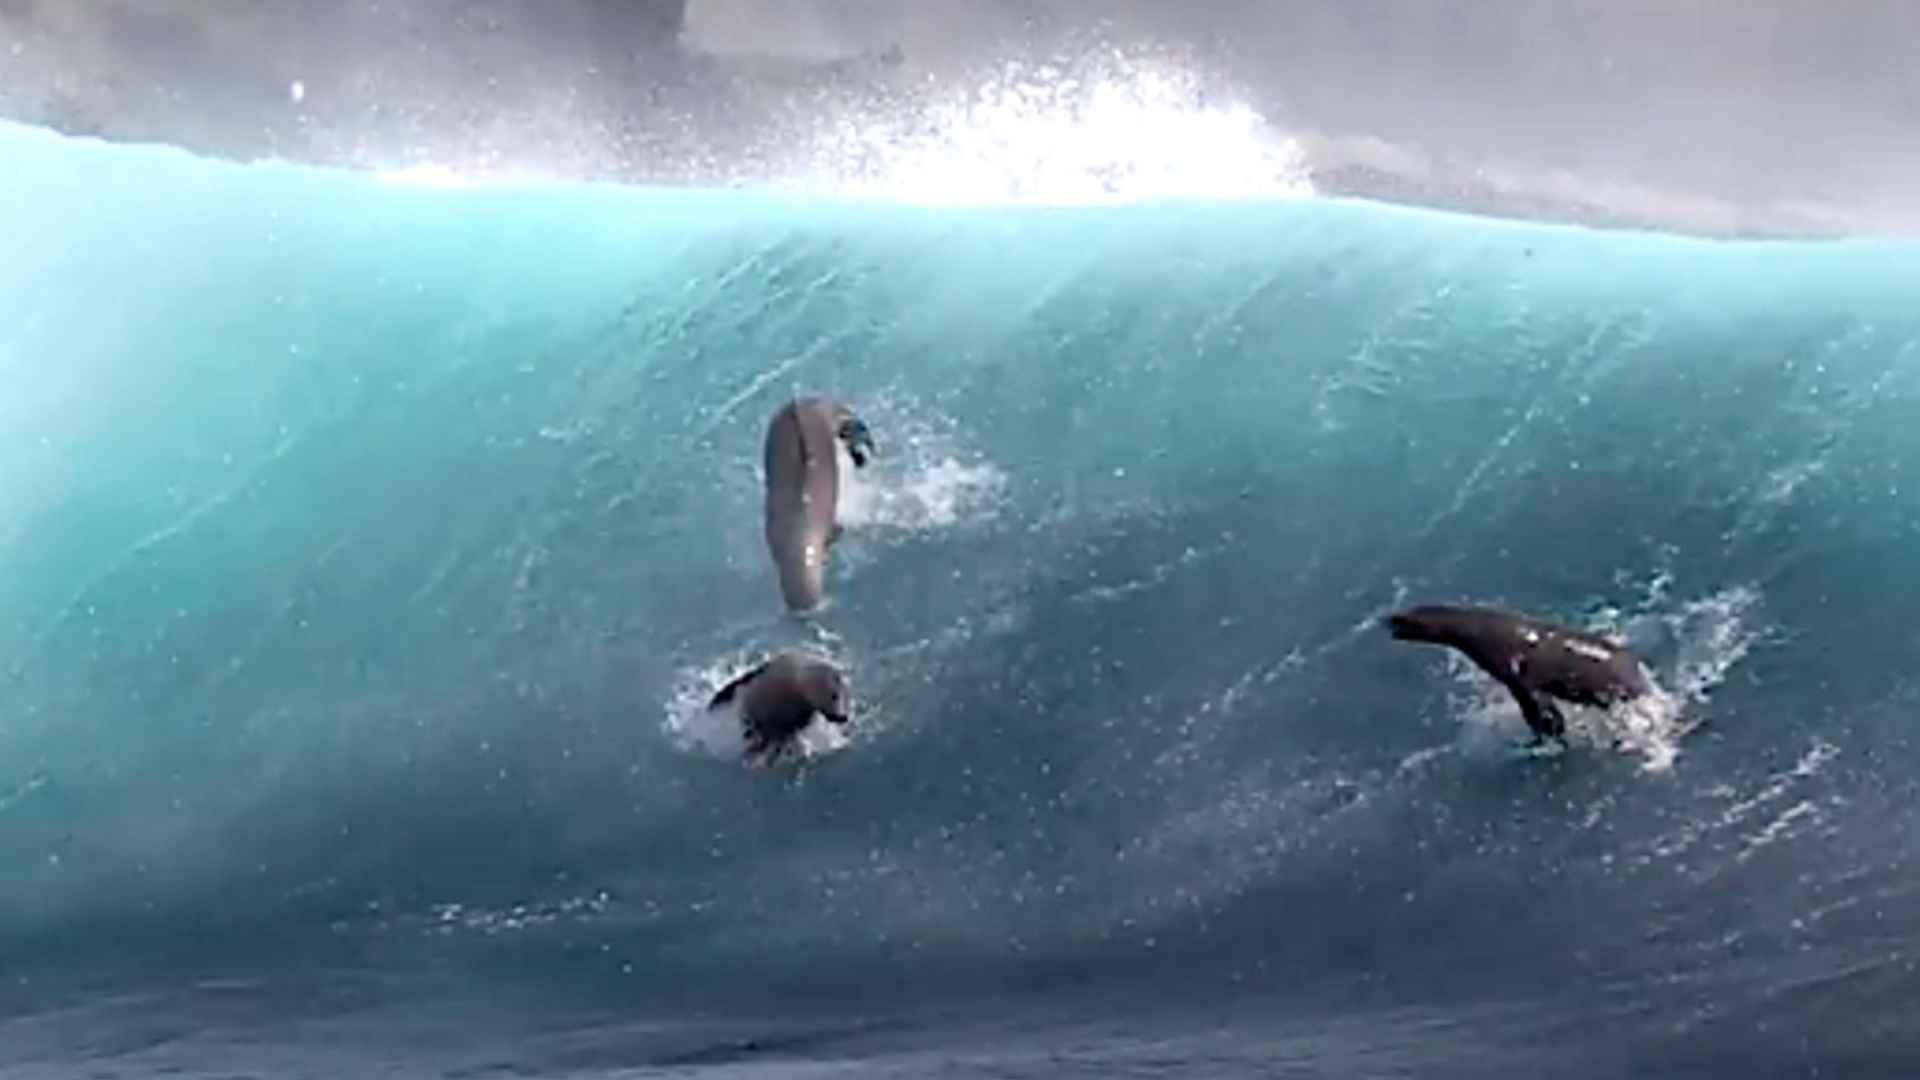 imagem-destacada-o-belissimo-surfe-de-leoes-marinhos-na-california